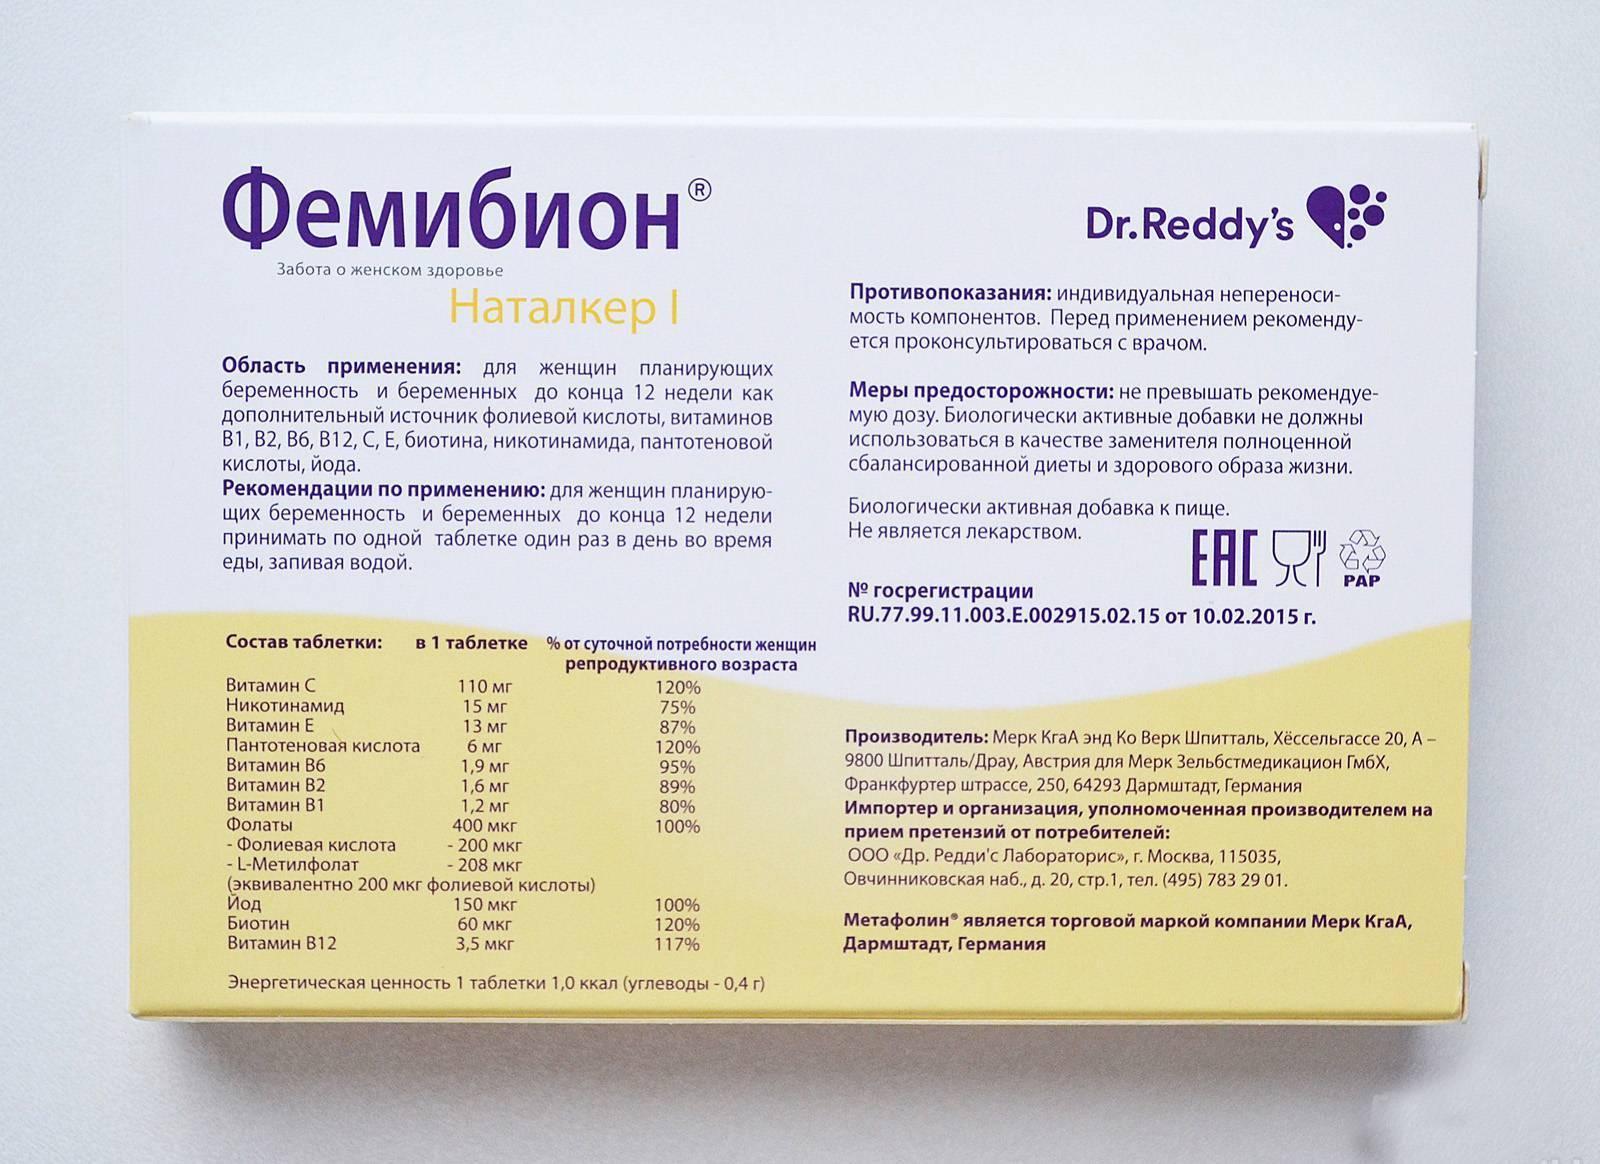 Можно ли пить парацетамол при беременности в 1, 2 и 3 триместре